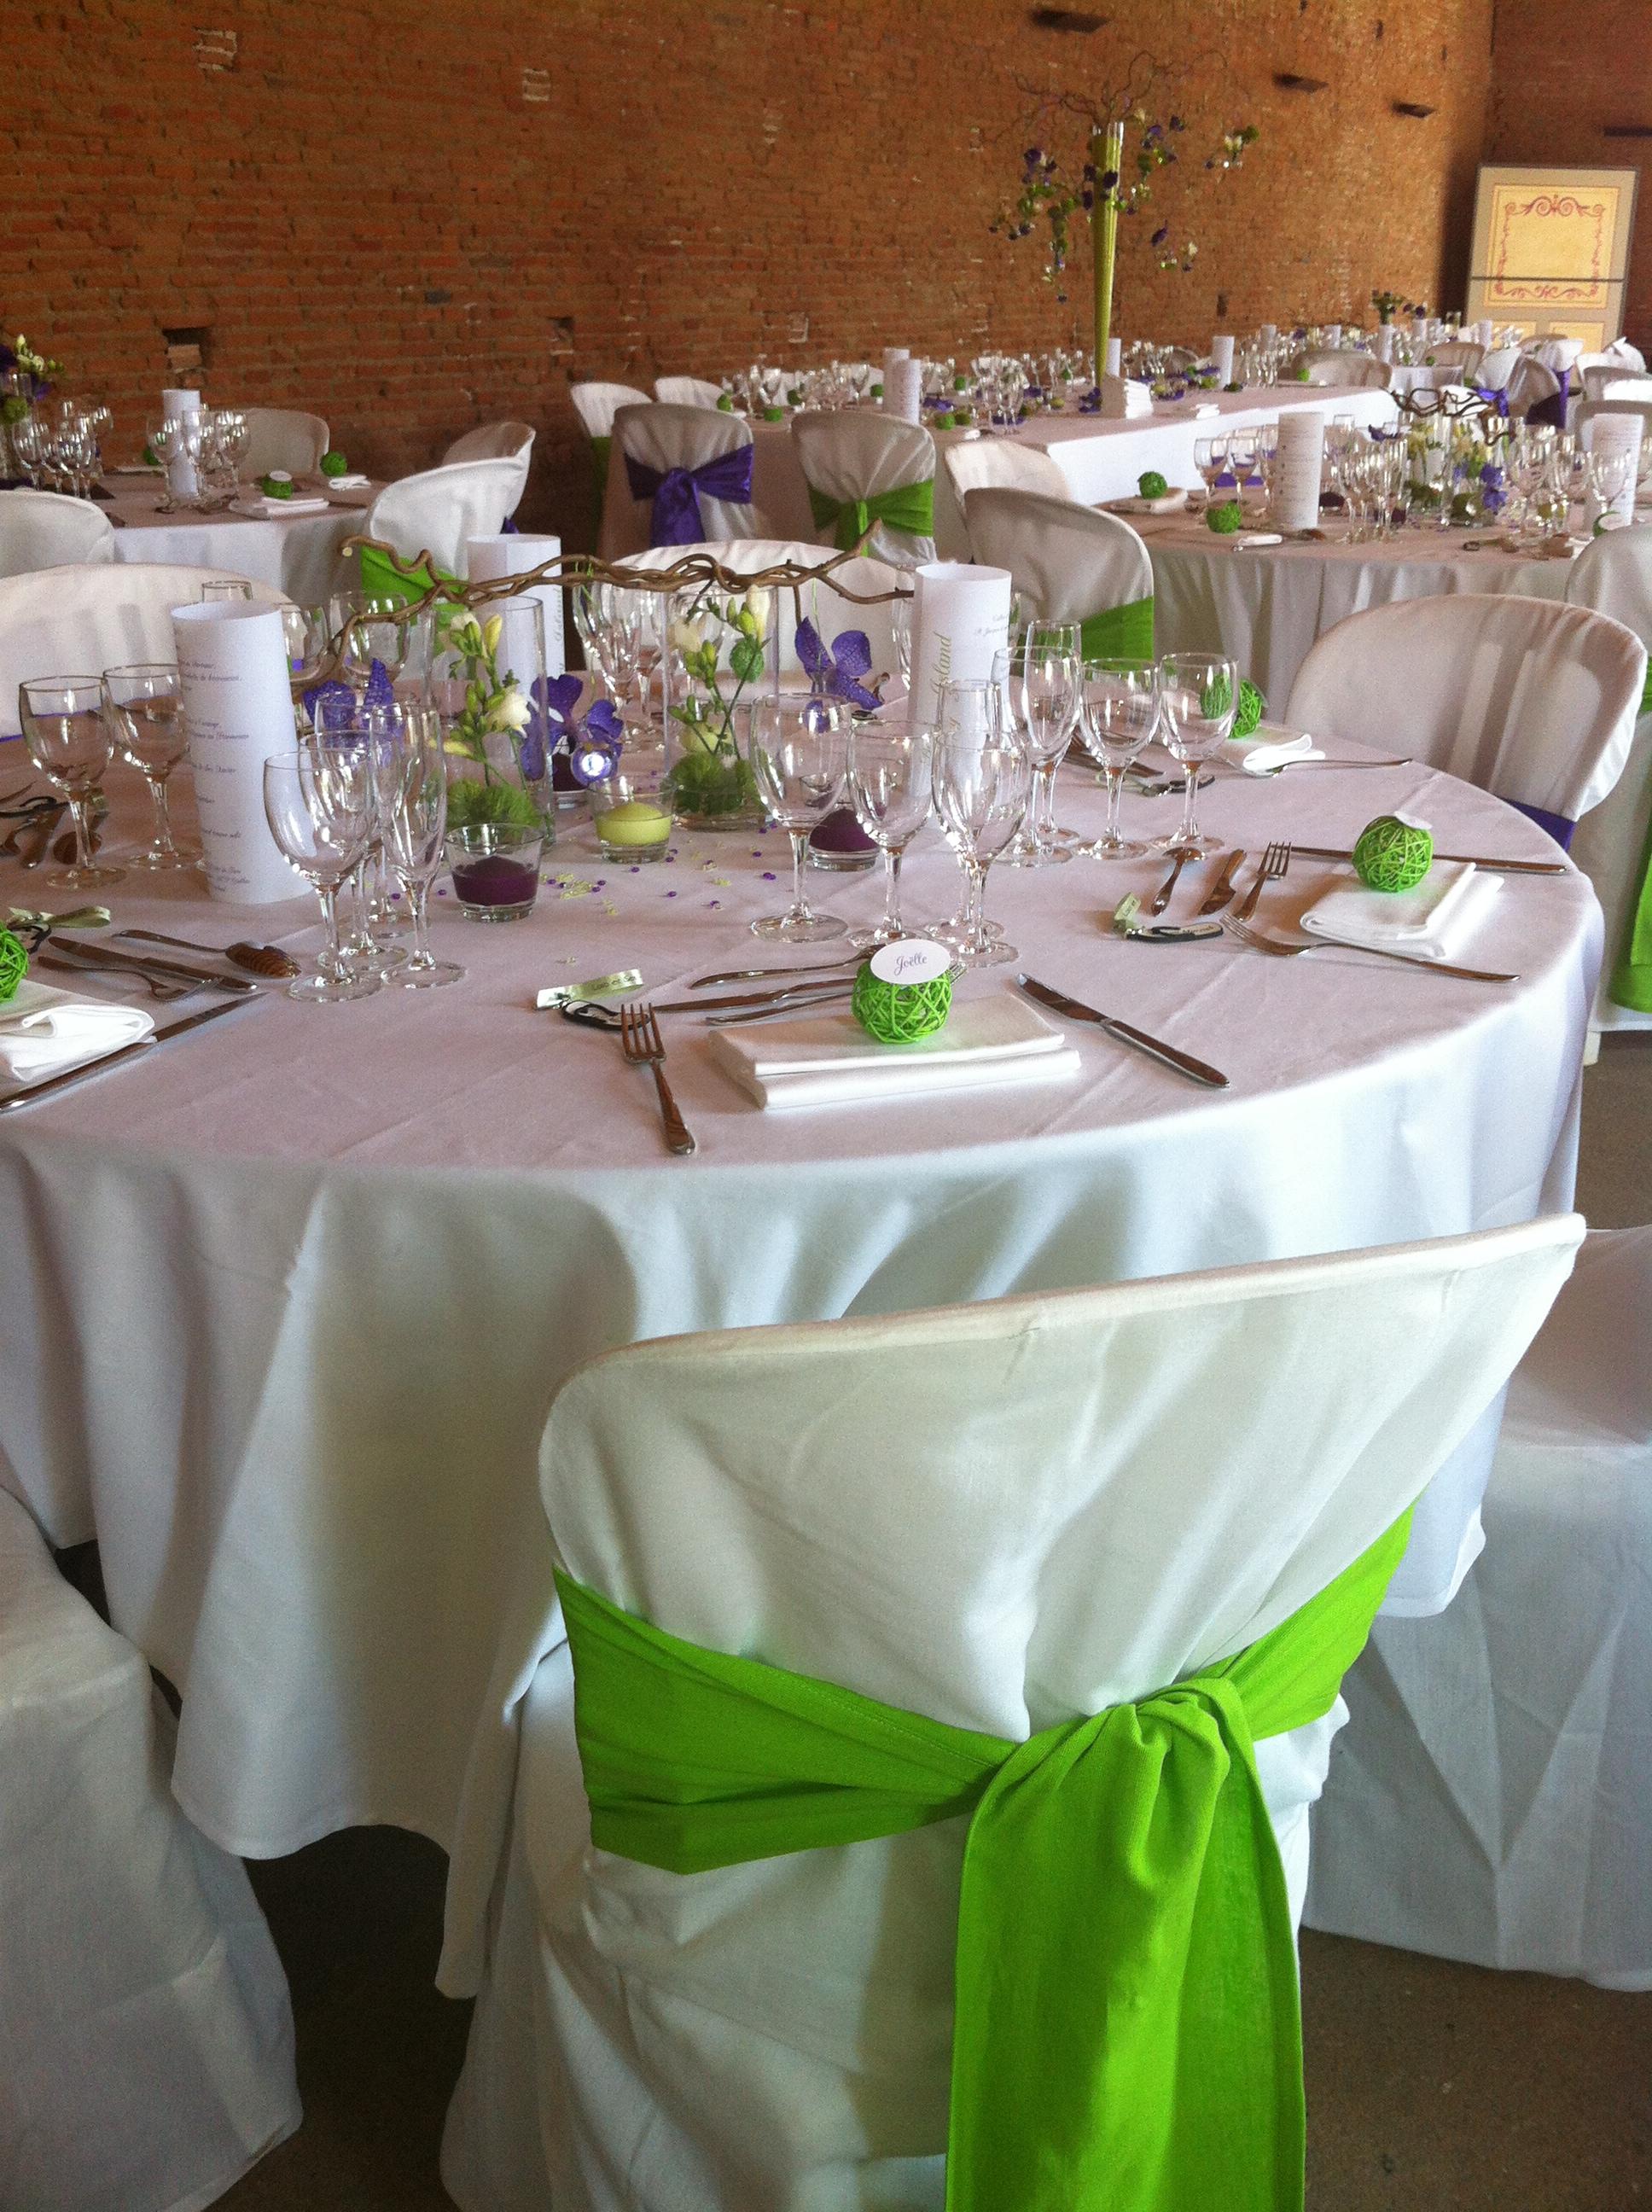 Les housses de sophie housse de chaise vert anis for Housse de coussin vert anis